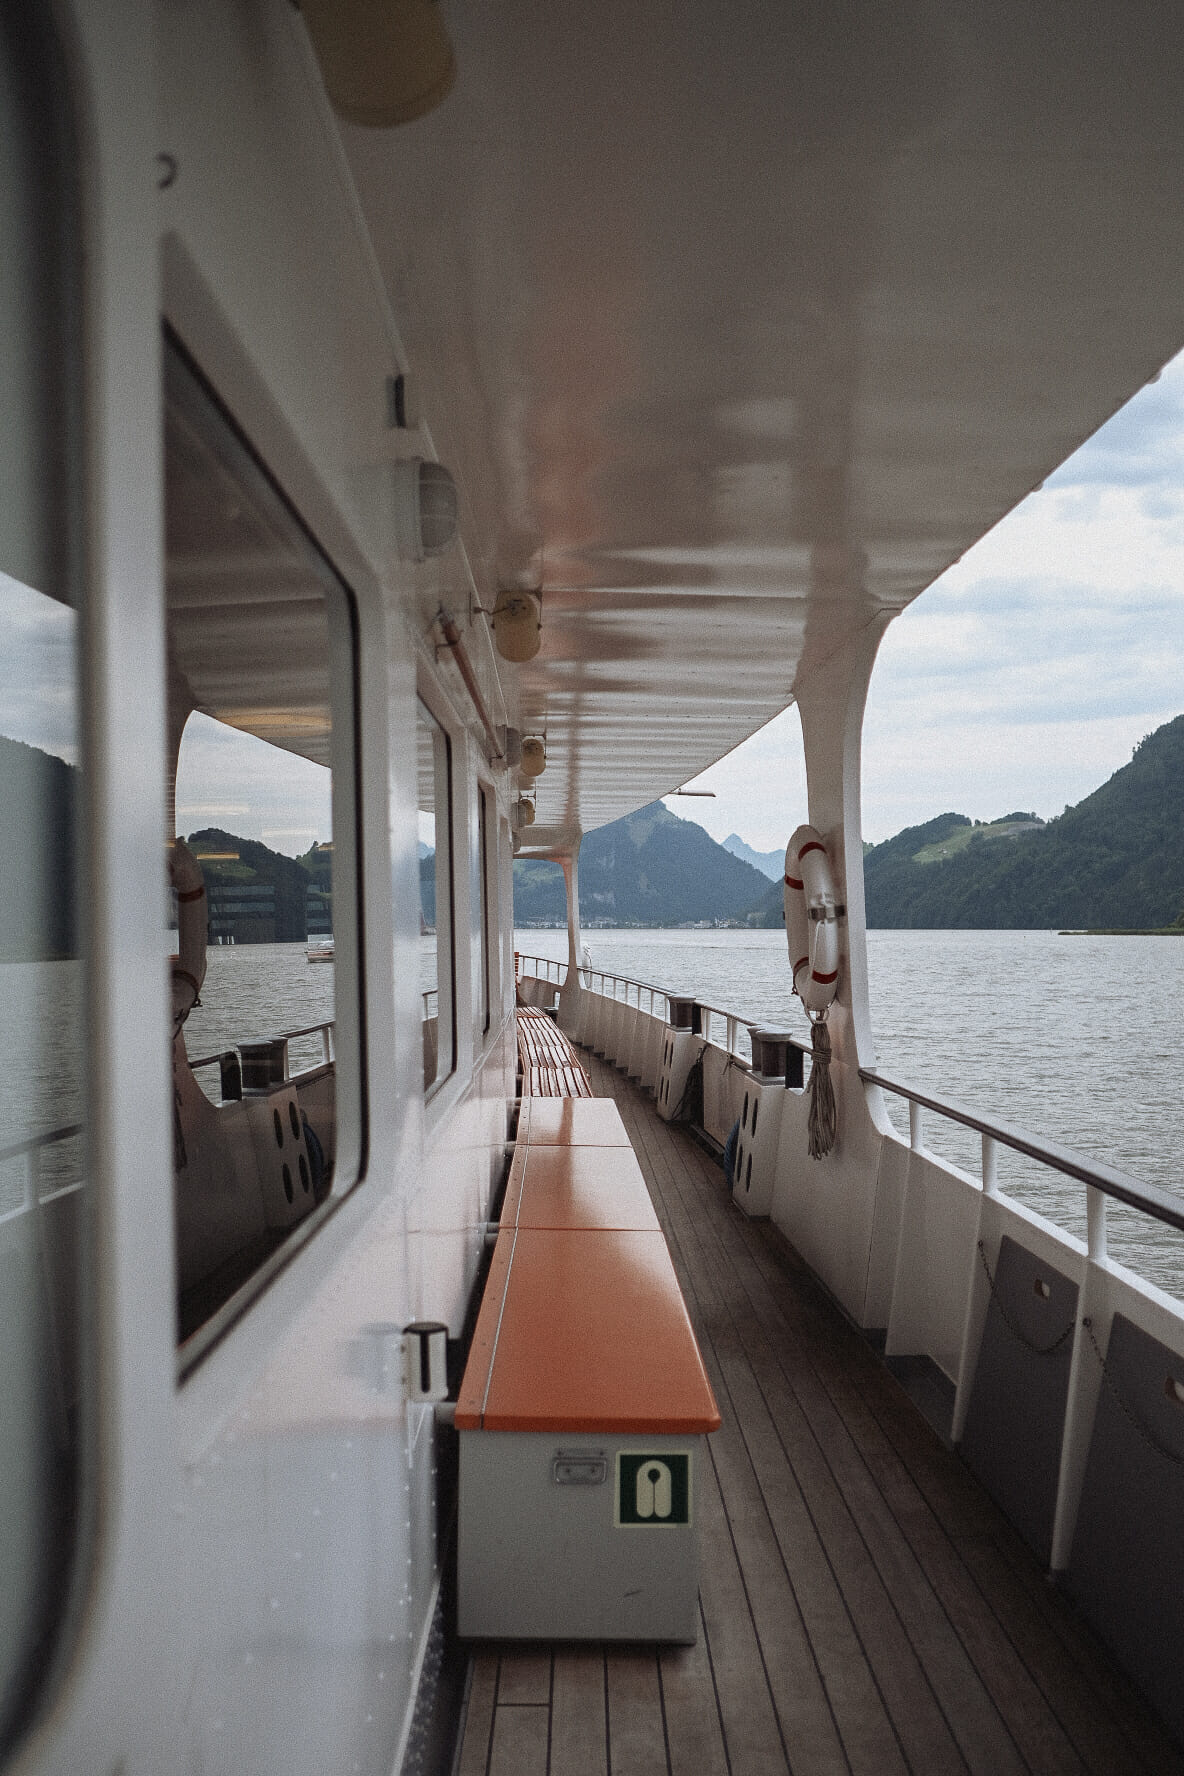 bateau-lac-des-4-cantons-lucerne